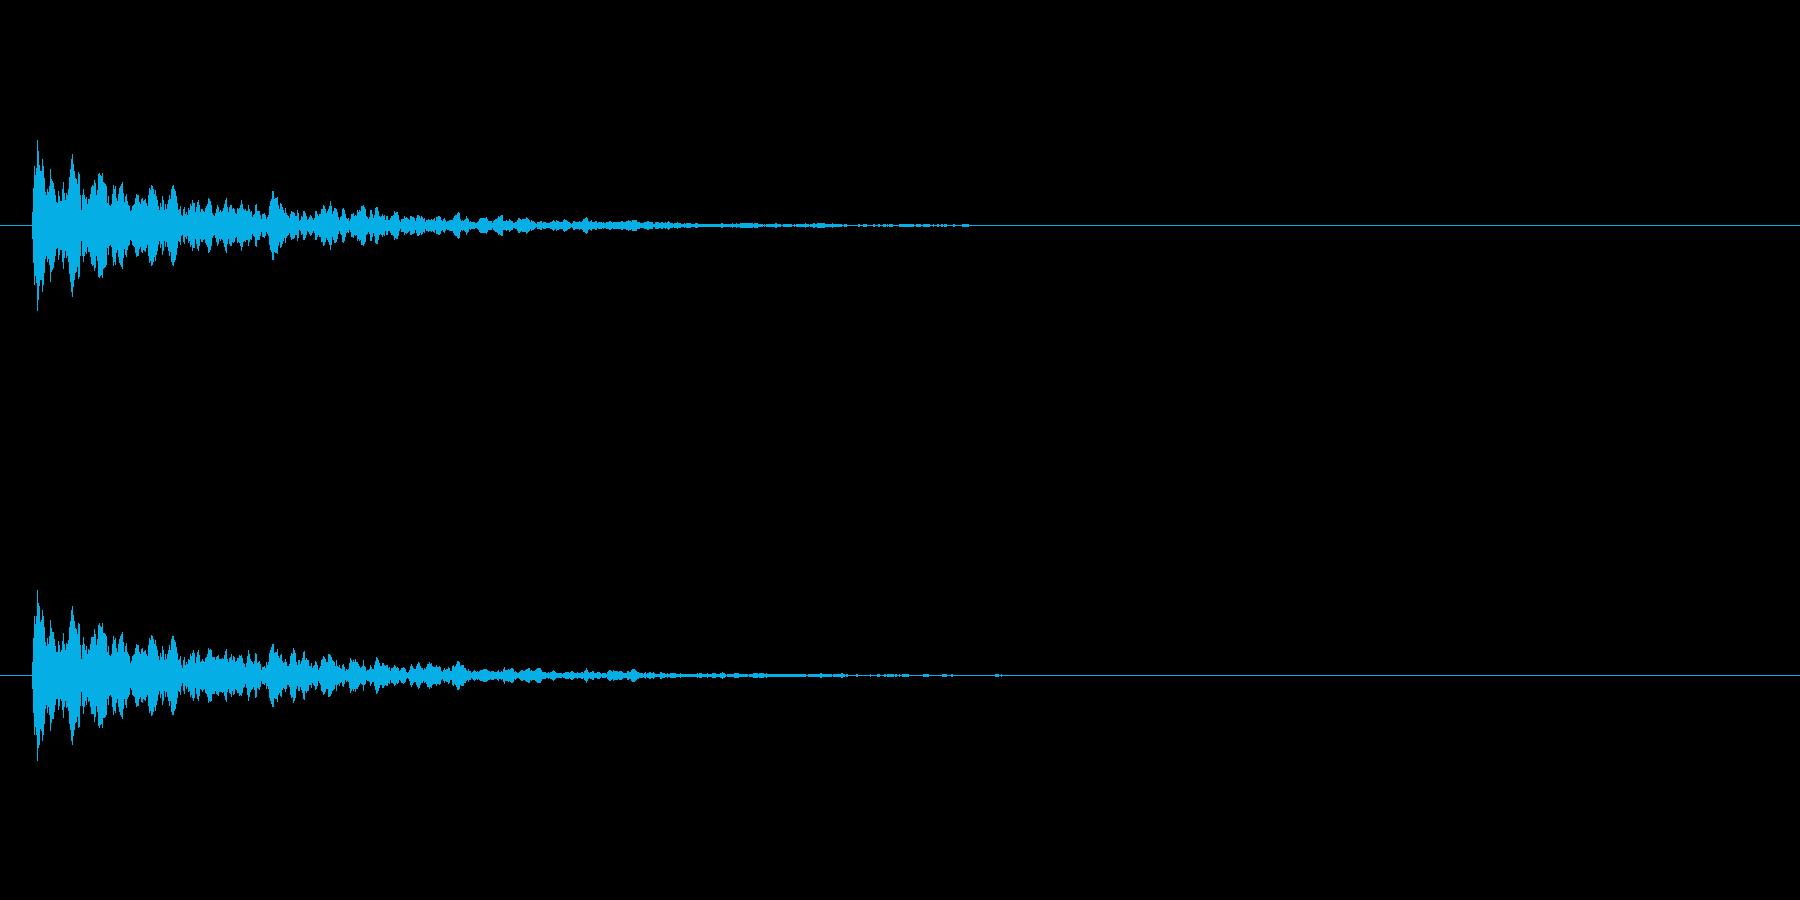 【アクセント09-2】の再生済みの波形